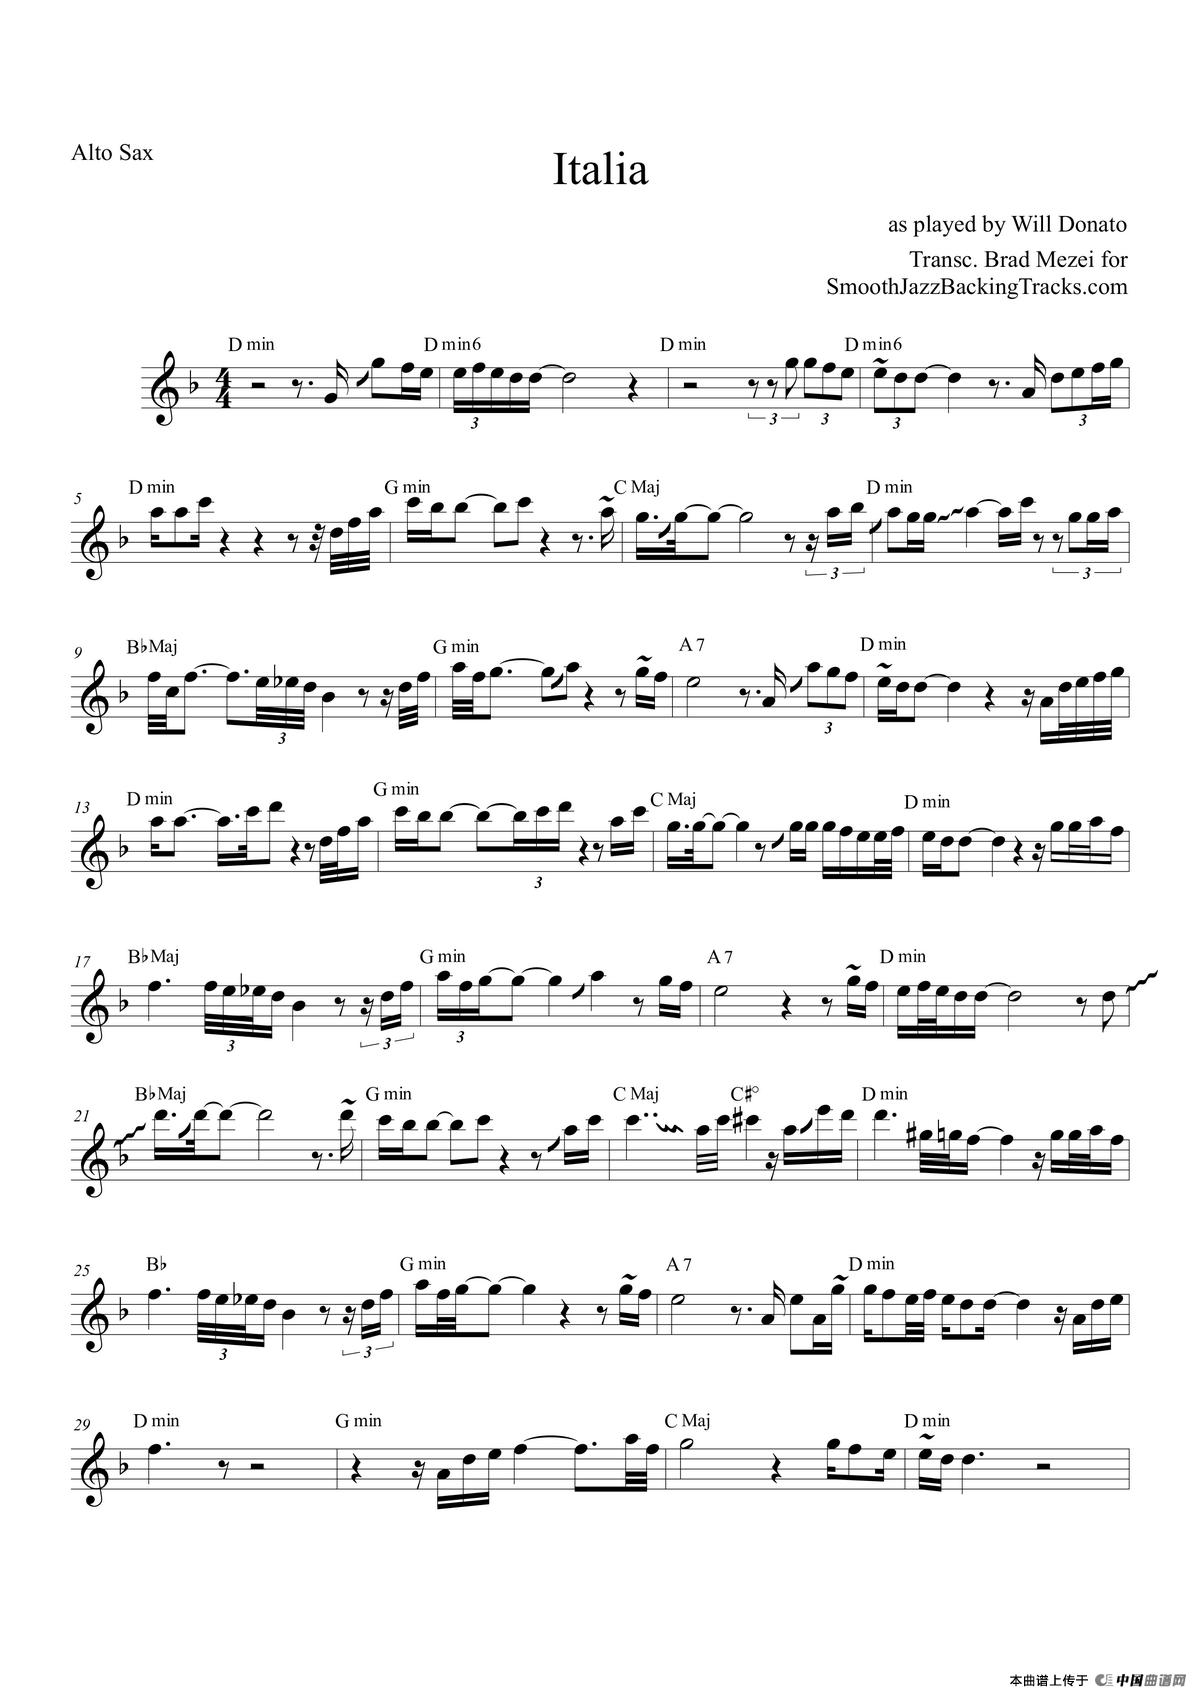 音乐谱背景素材